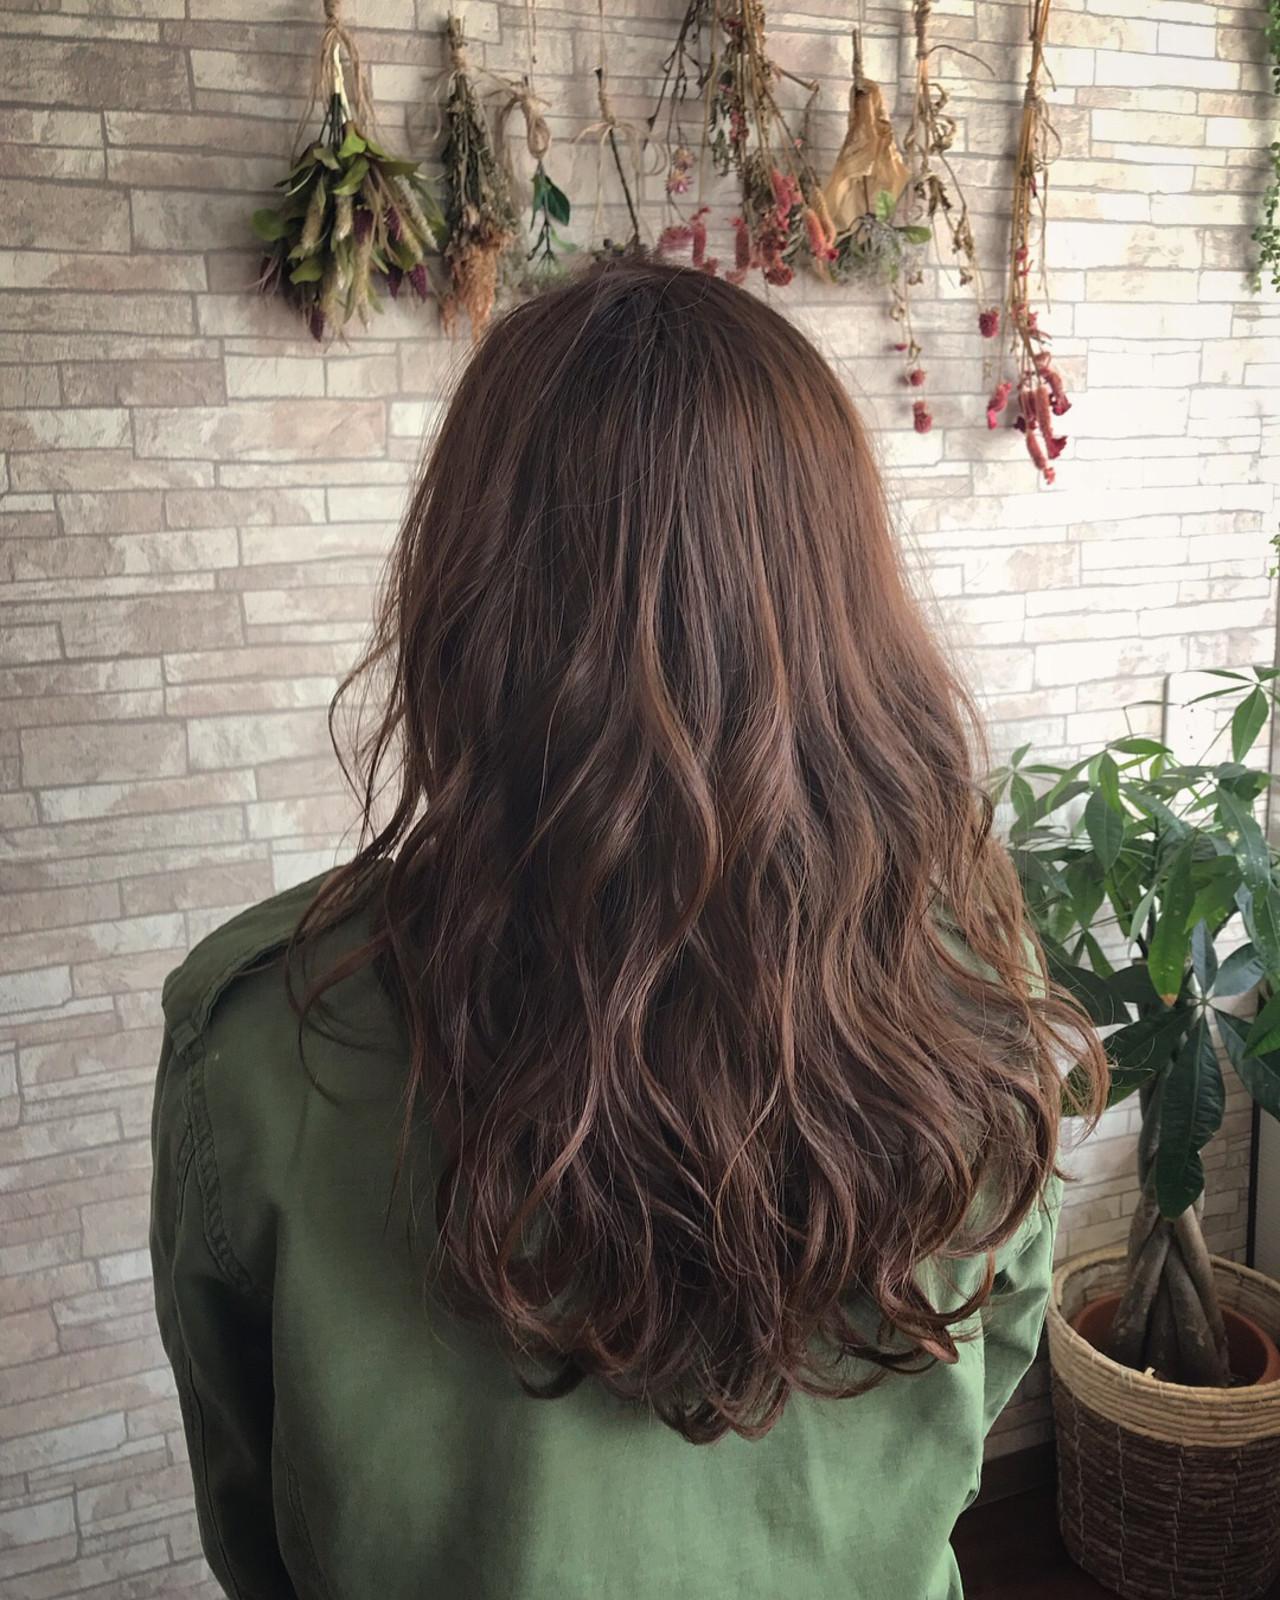 アッシュブラウン 大人ハイライト エレガント 大人女子 ヘアスタイルや髪型の写真・画像